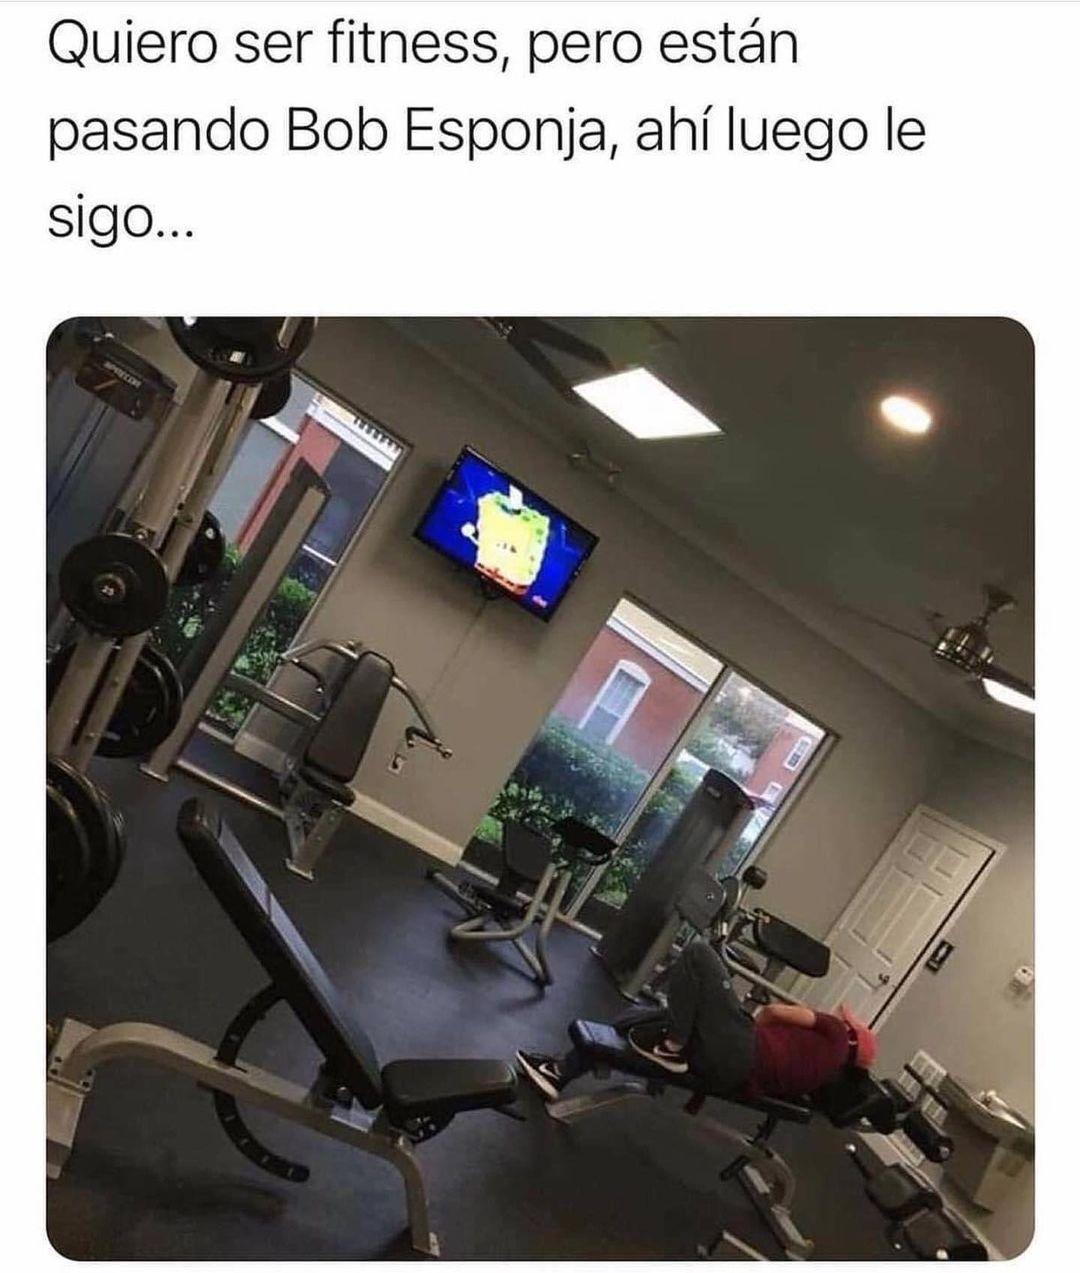 Quiero ser fitness, pero están pasando Bob Esponja, ahí luego le sigo.